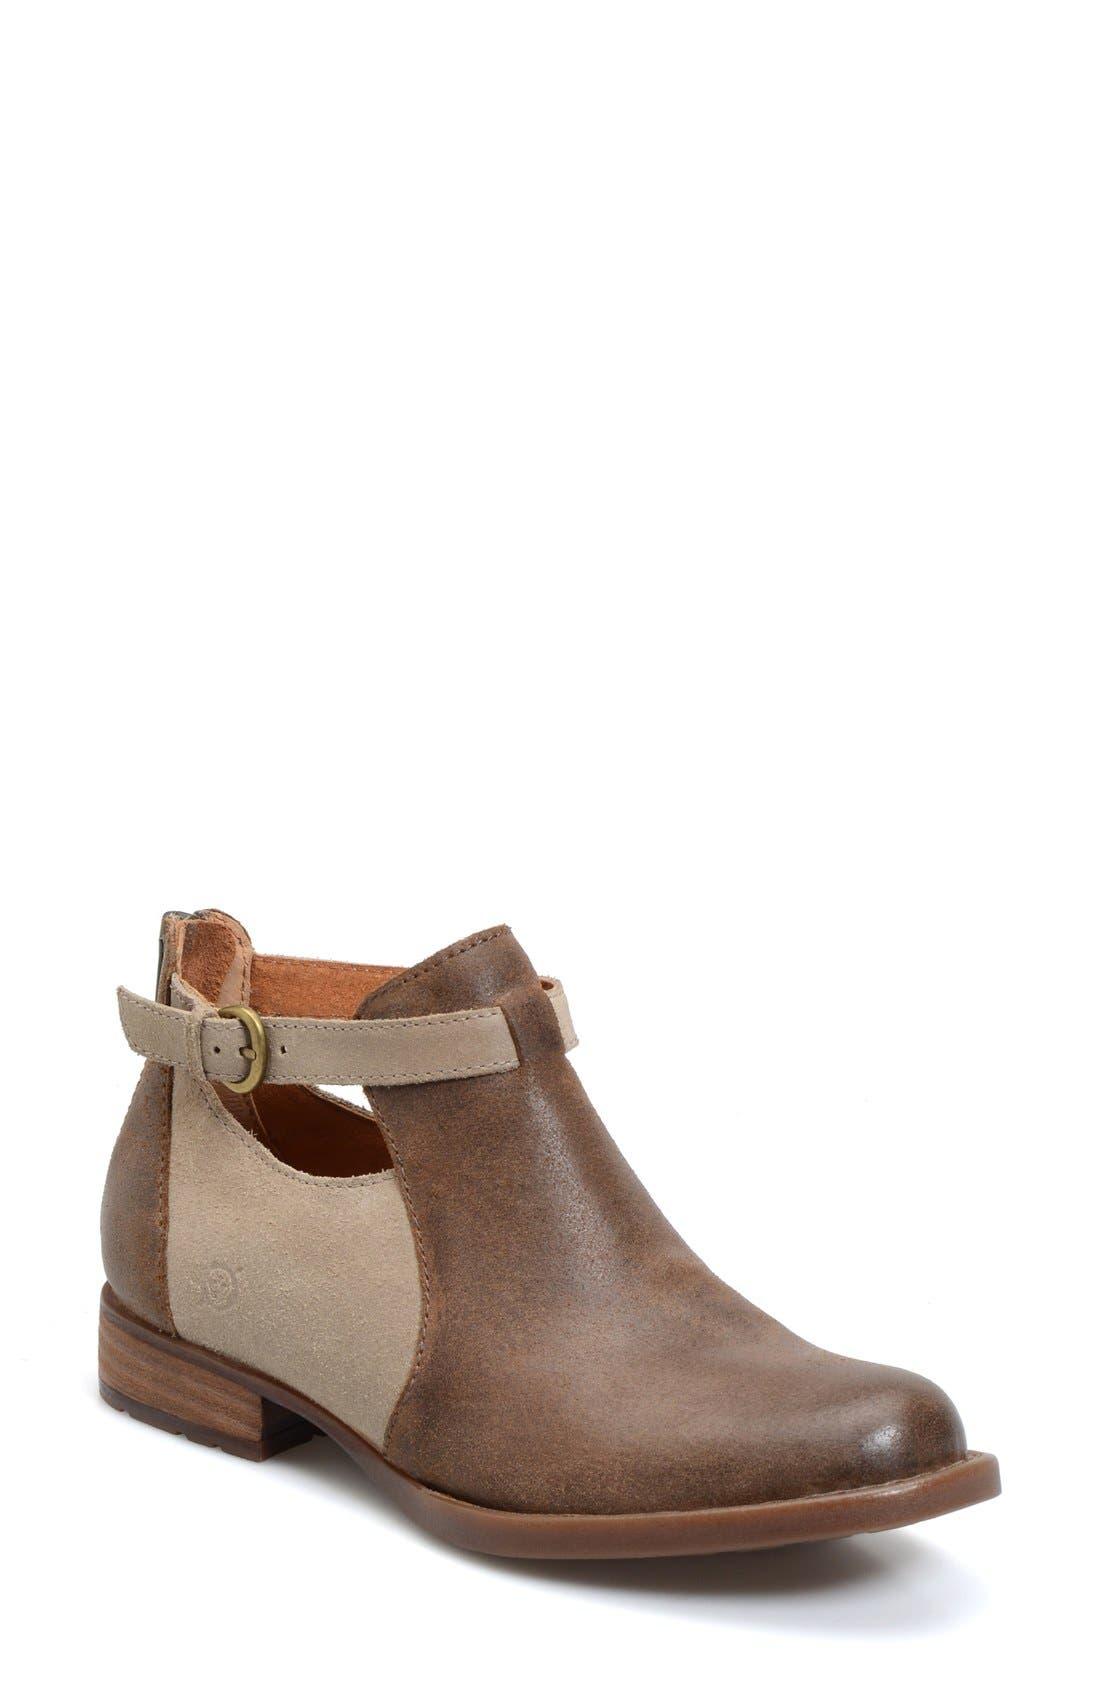 'Posh' Cutout Bootie,                             Main thumbnail 1, color,                             Brown/ Castoro Leather